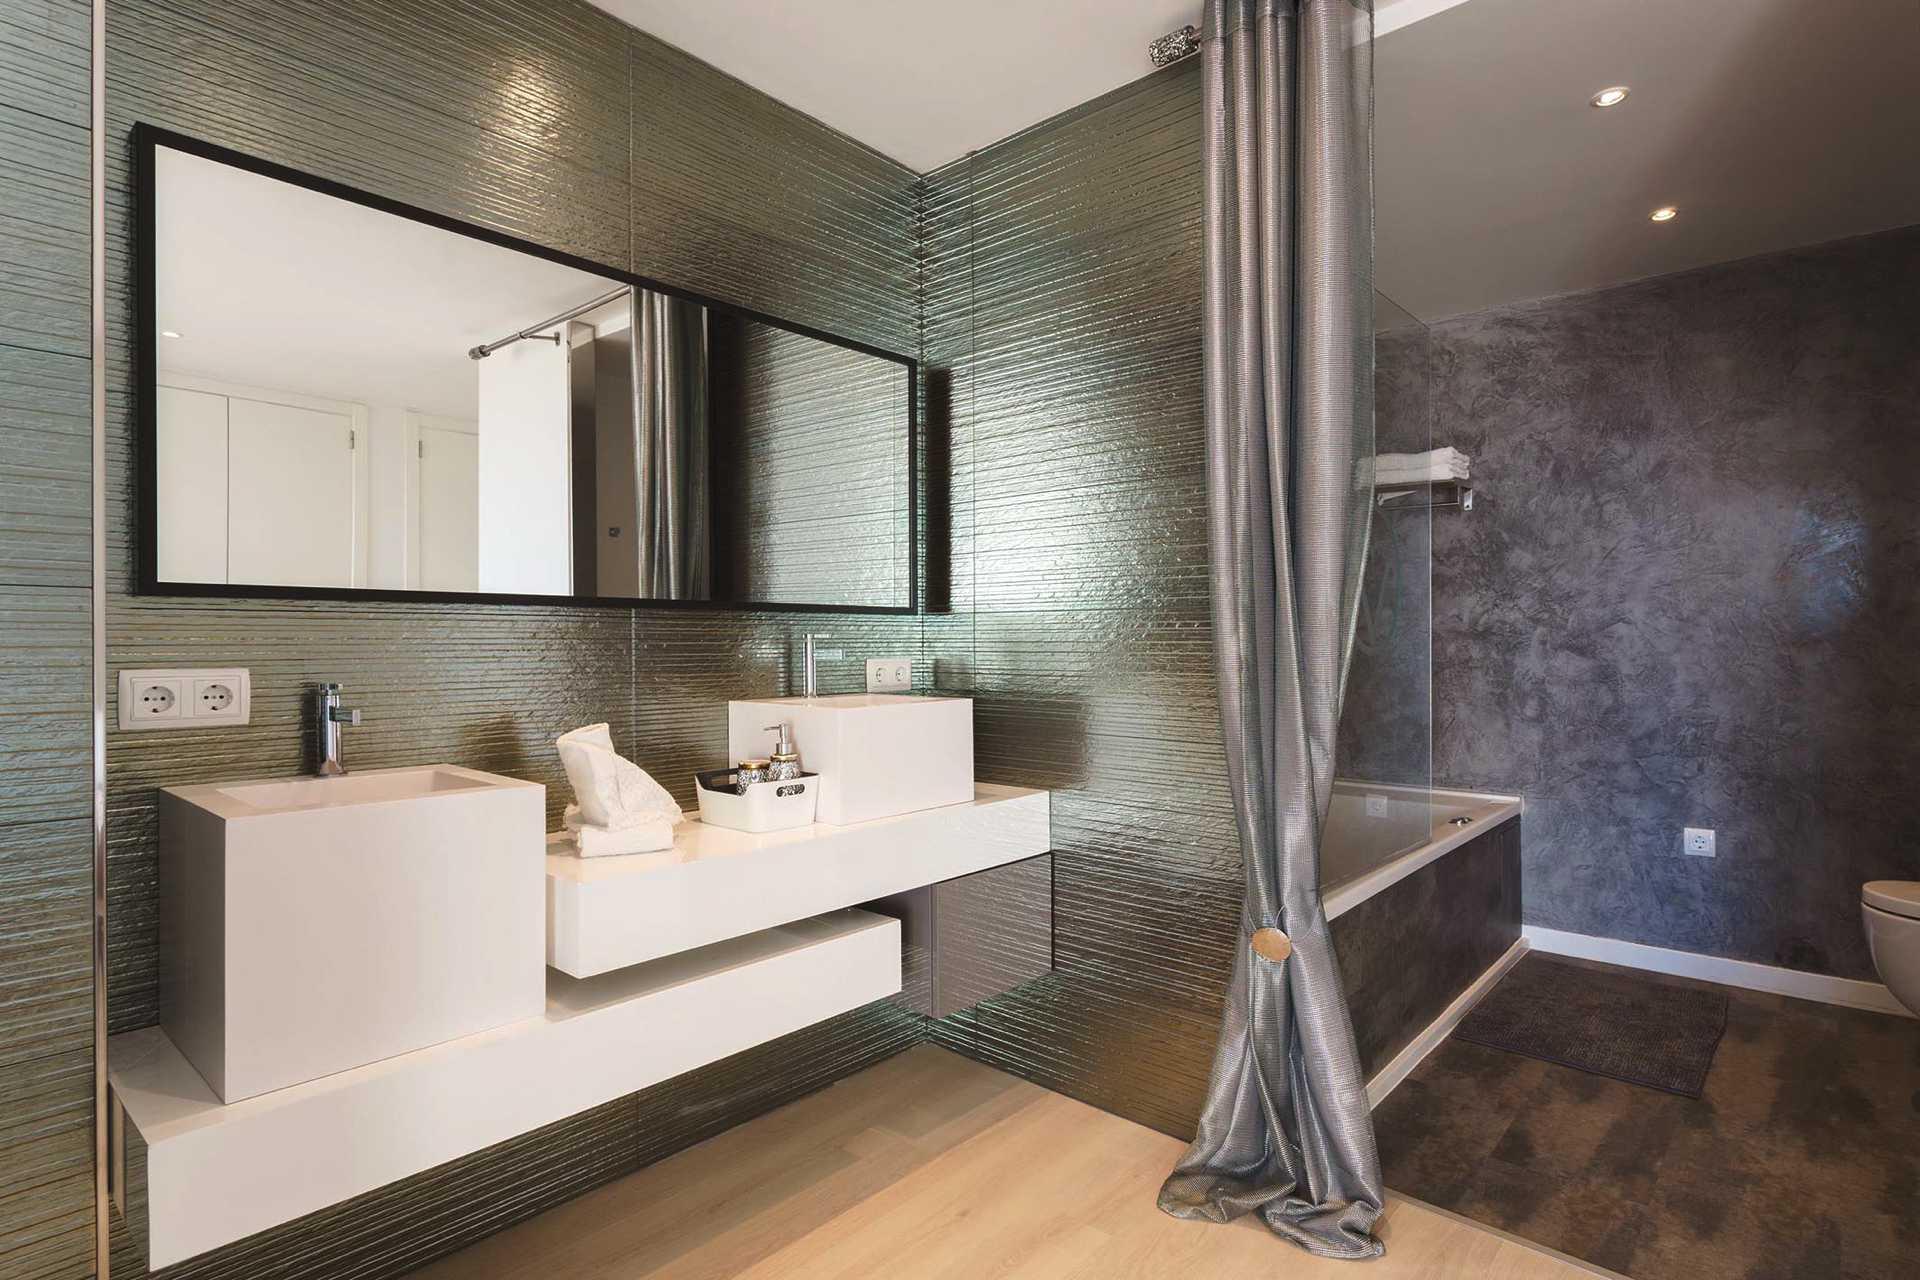 01-291 exclusive apartment Mallorca north Bild 20